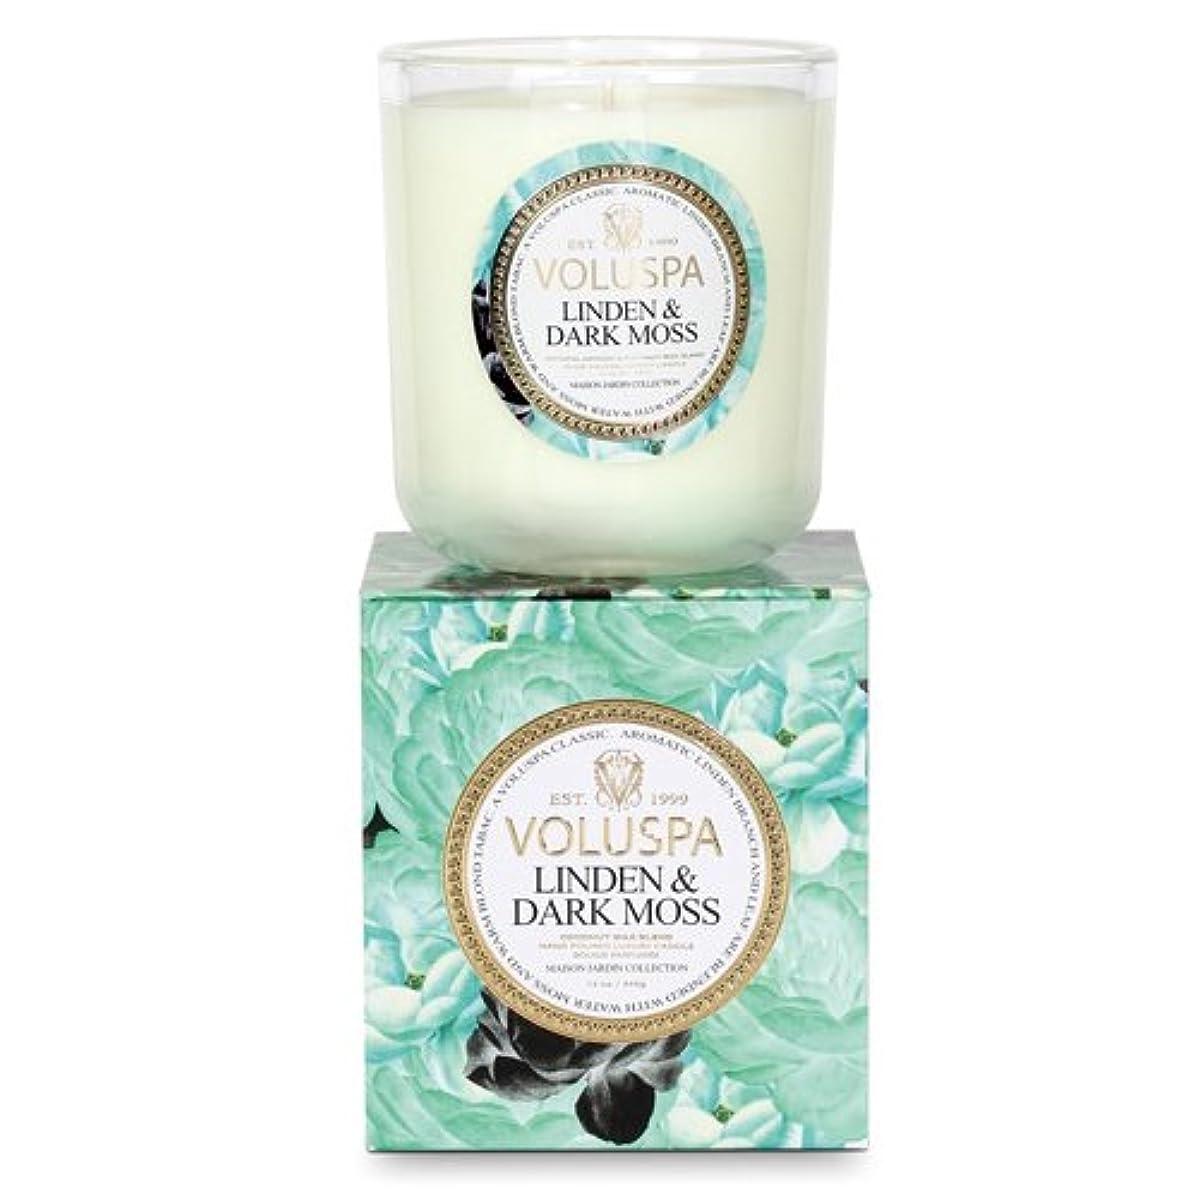 瞑想する効能ある物足りないVoluspa ボルスパ メゾンジャルダン ボックス入りグラスキャンドル リンデン&ダークモス MAISON JARDIN Box Glass Candle LINDEN & DARK MOSS